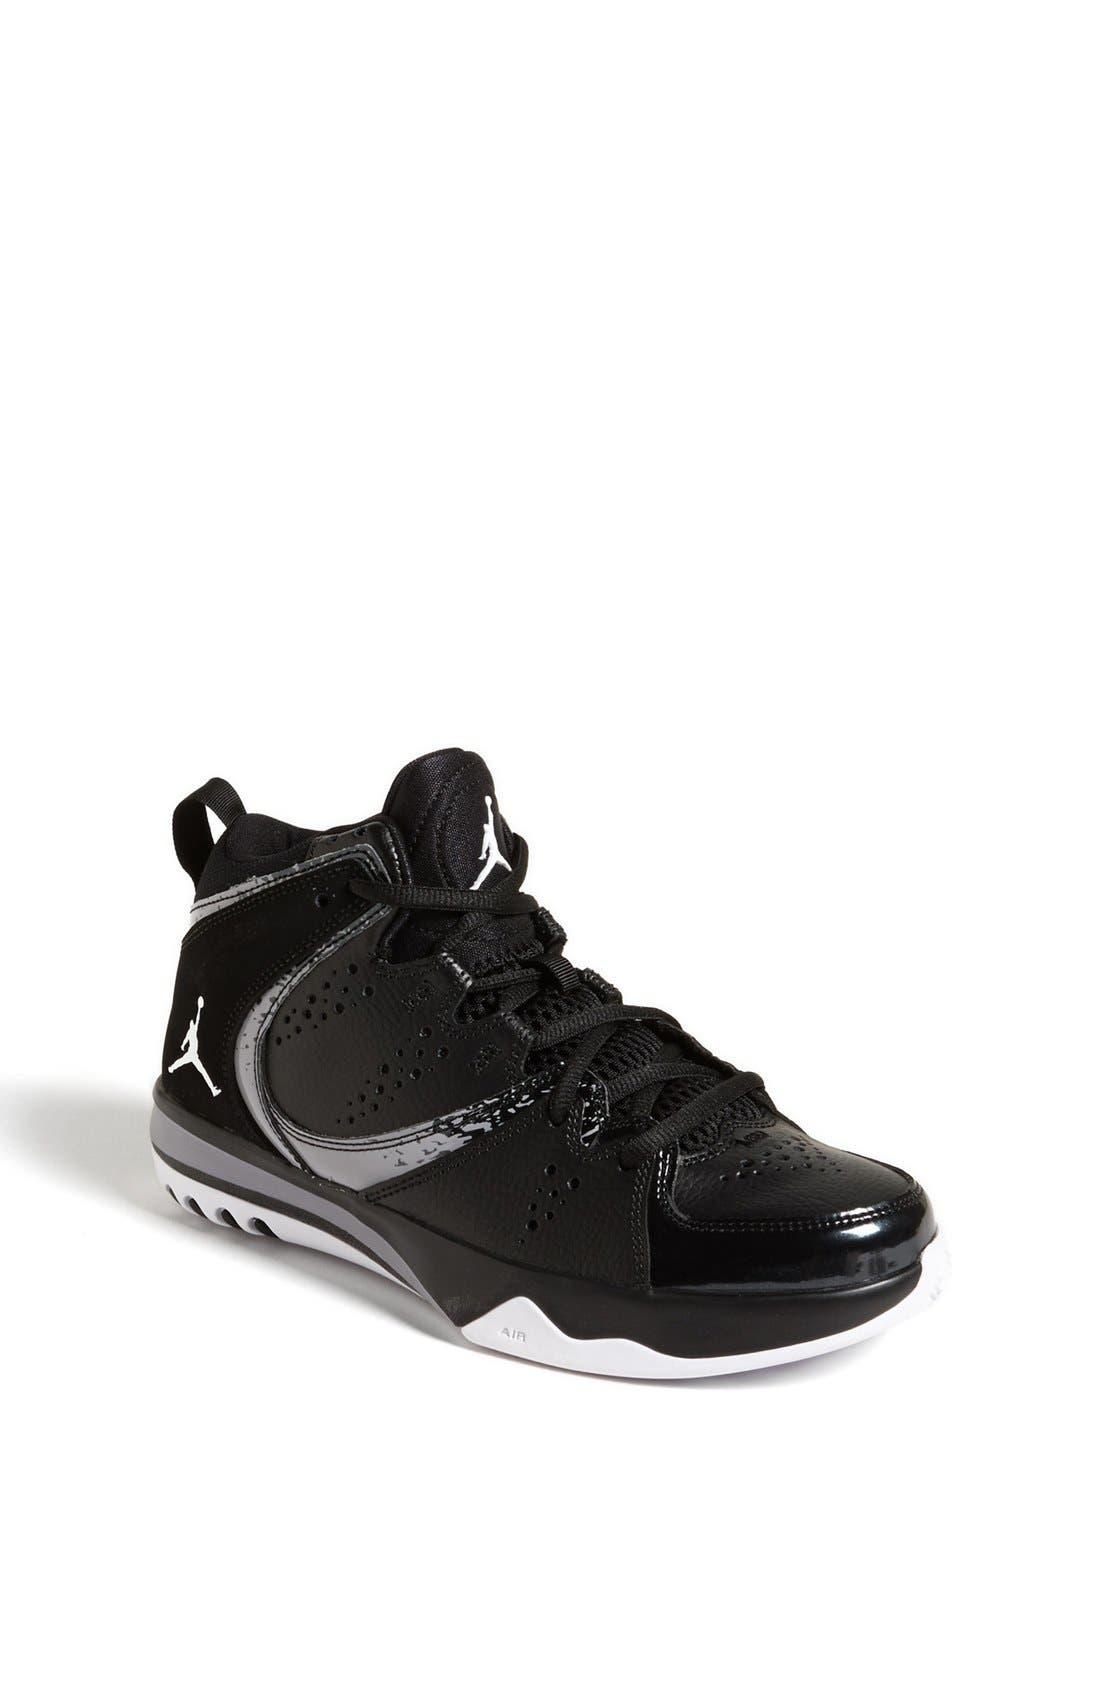 Alternate Image 1 Selected - Nike 'Jordan Phase 23 2' Sneaker (Toddler & Little Kid)